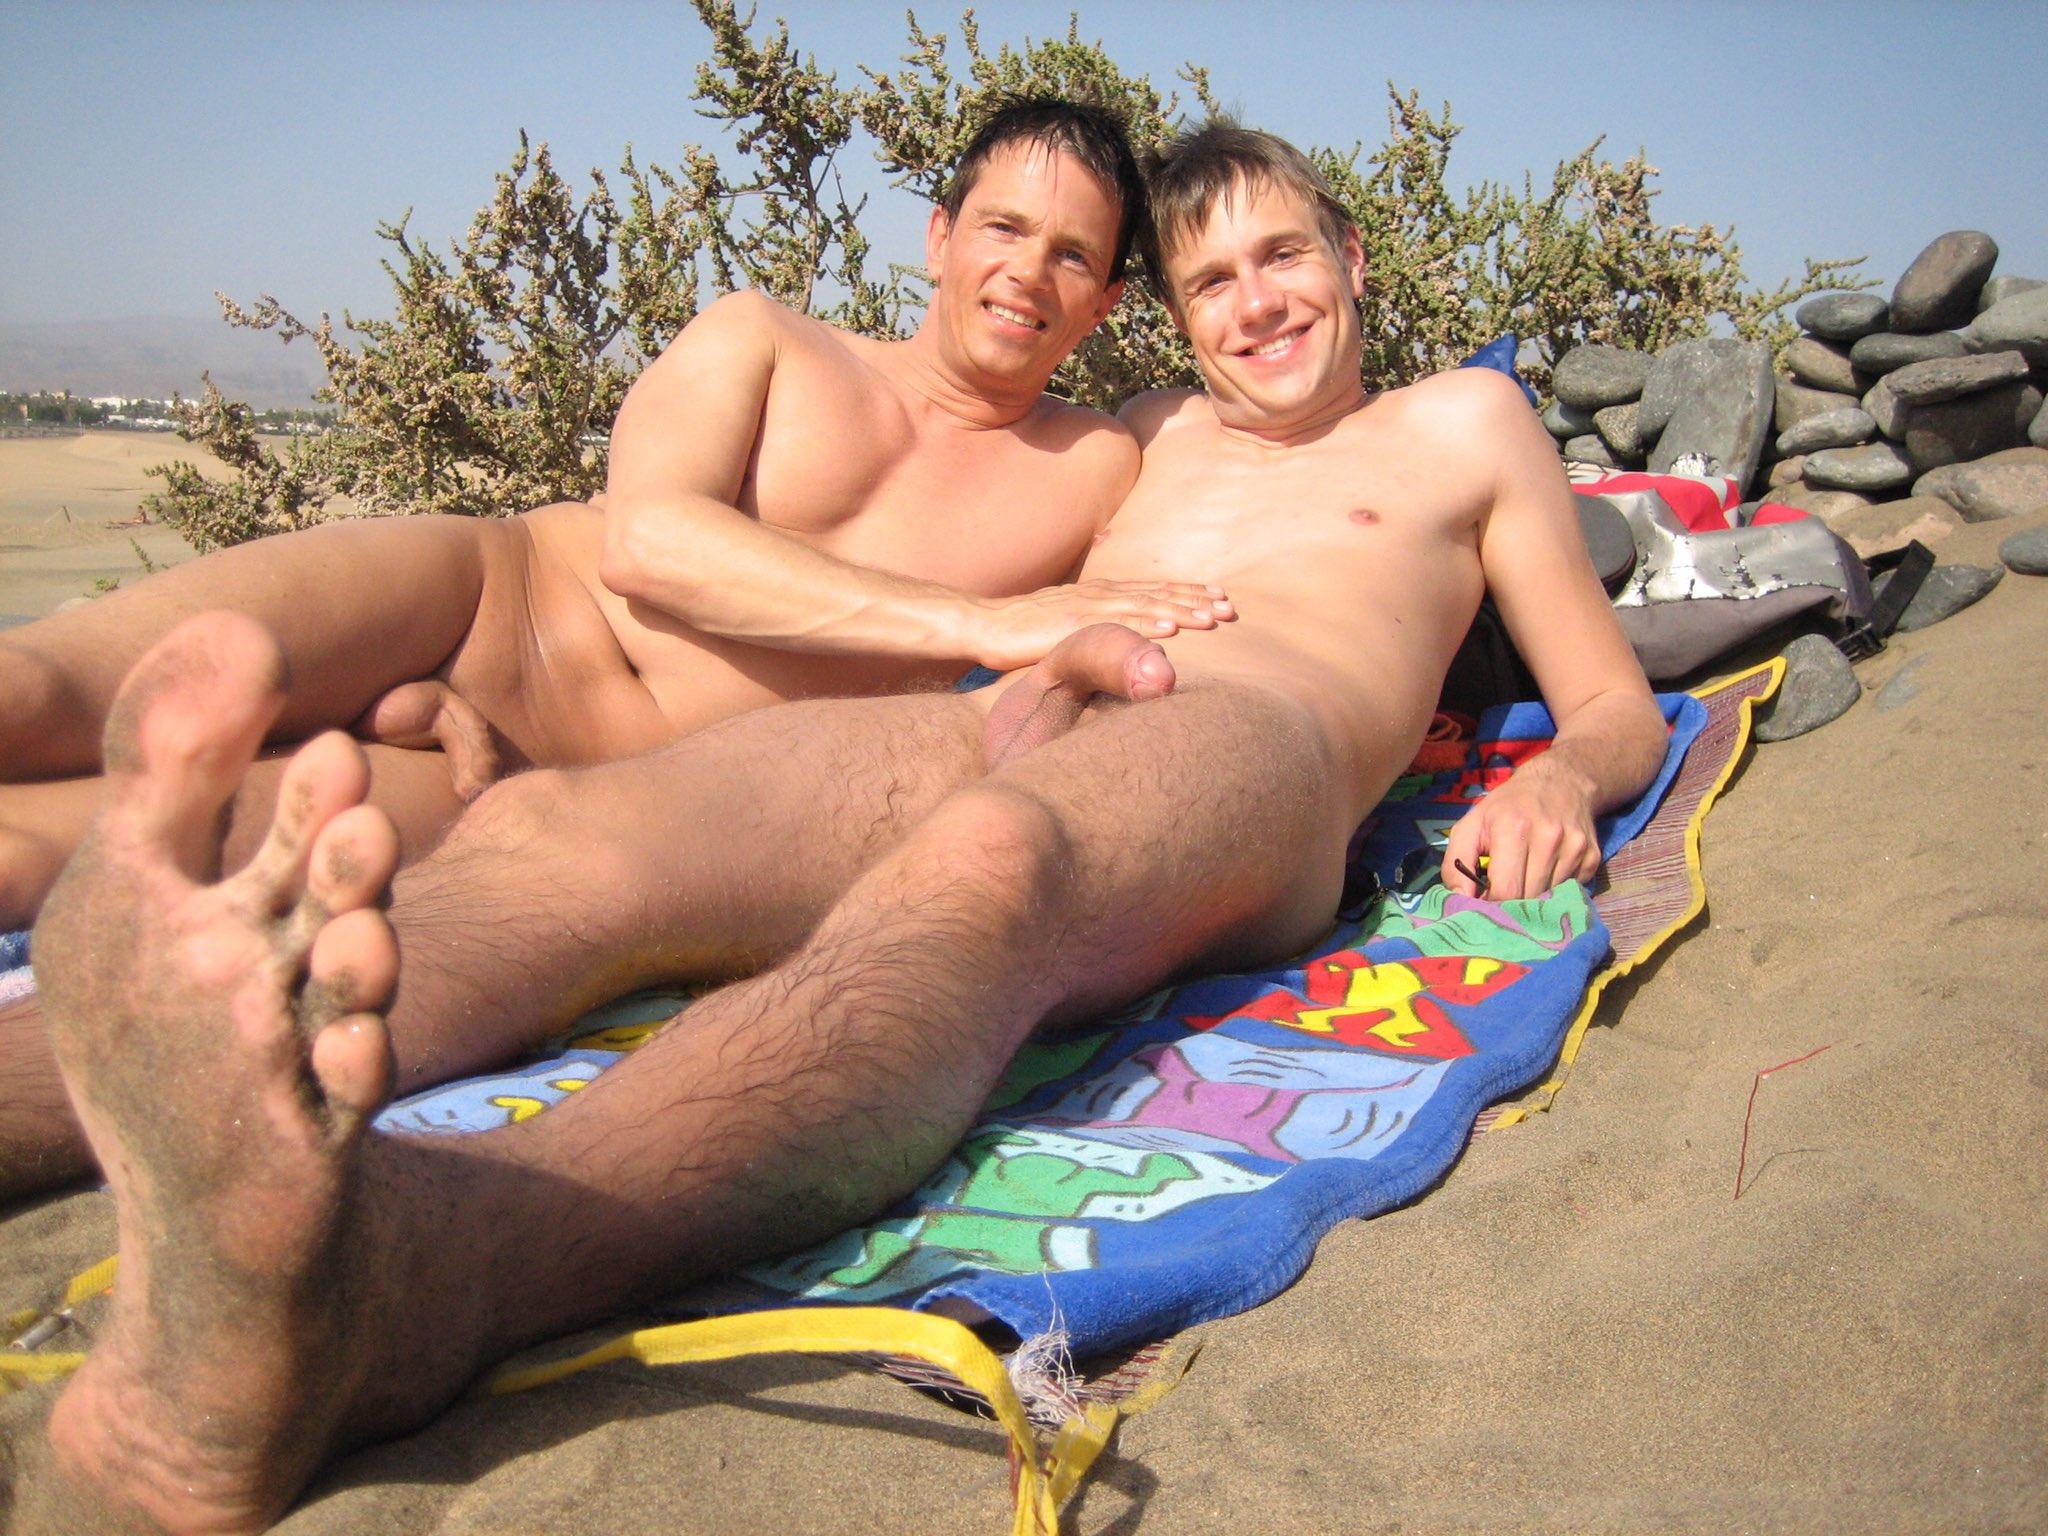 Naked hot sexy pornstar babies babies